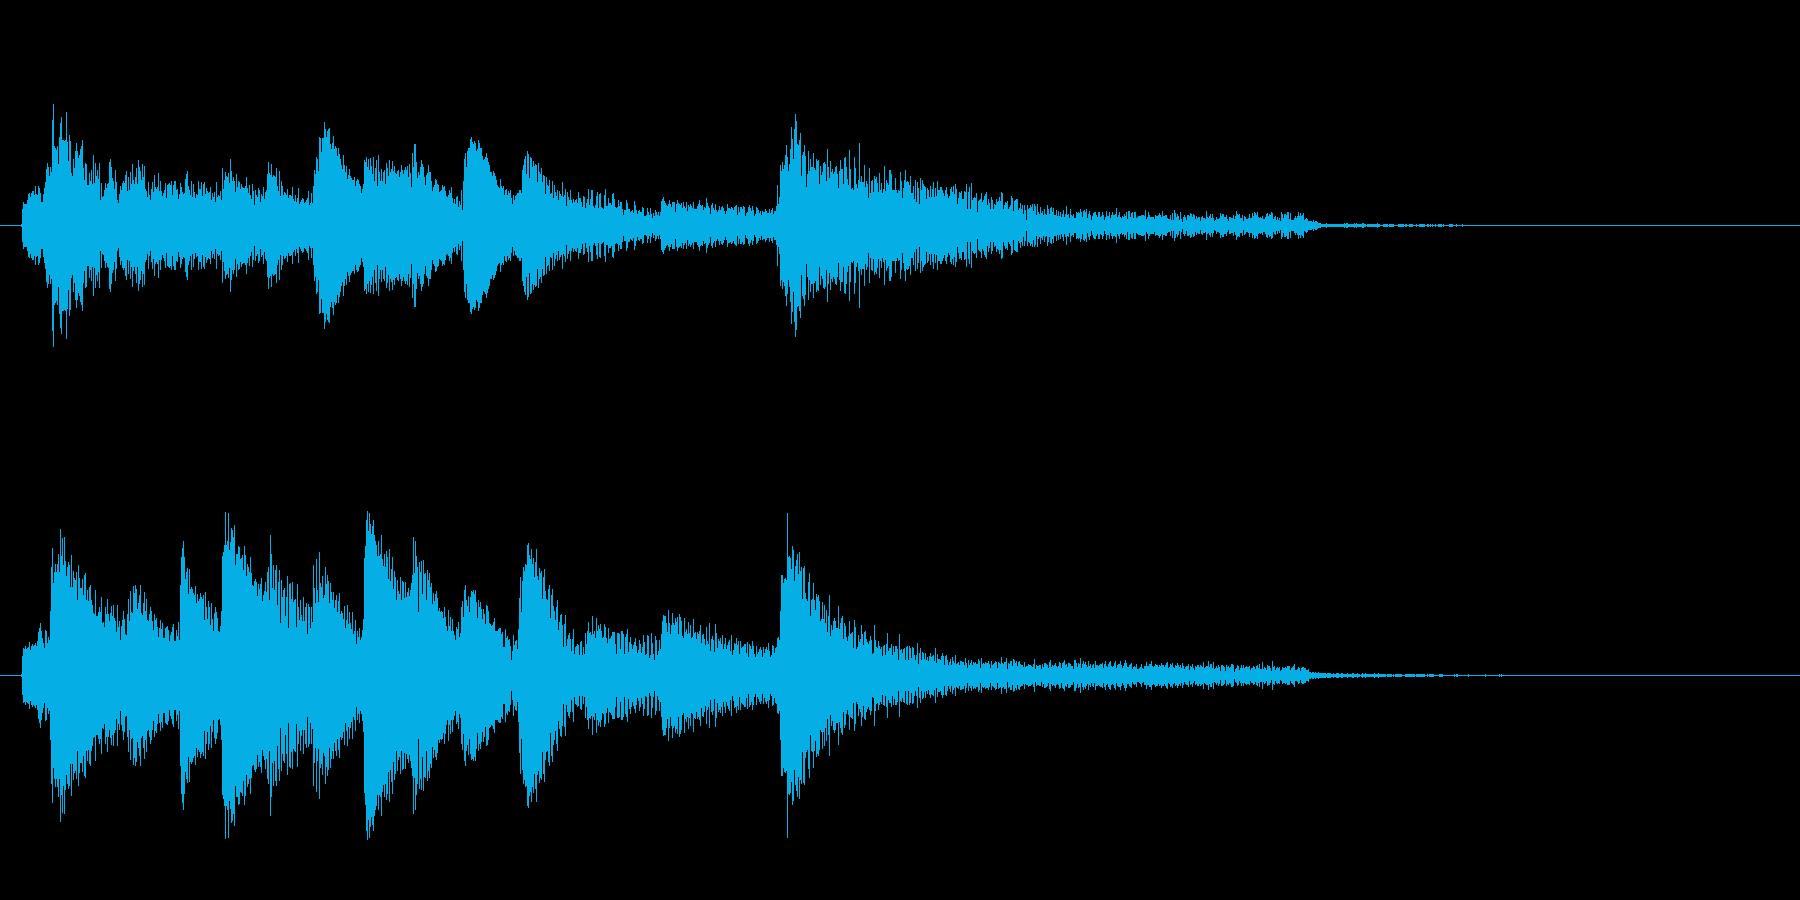 和風ピアノサウンドロゴ_ジングル6秒の再生済みの波形